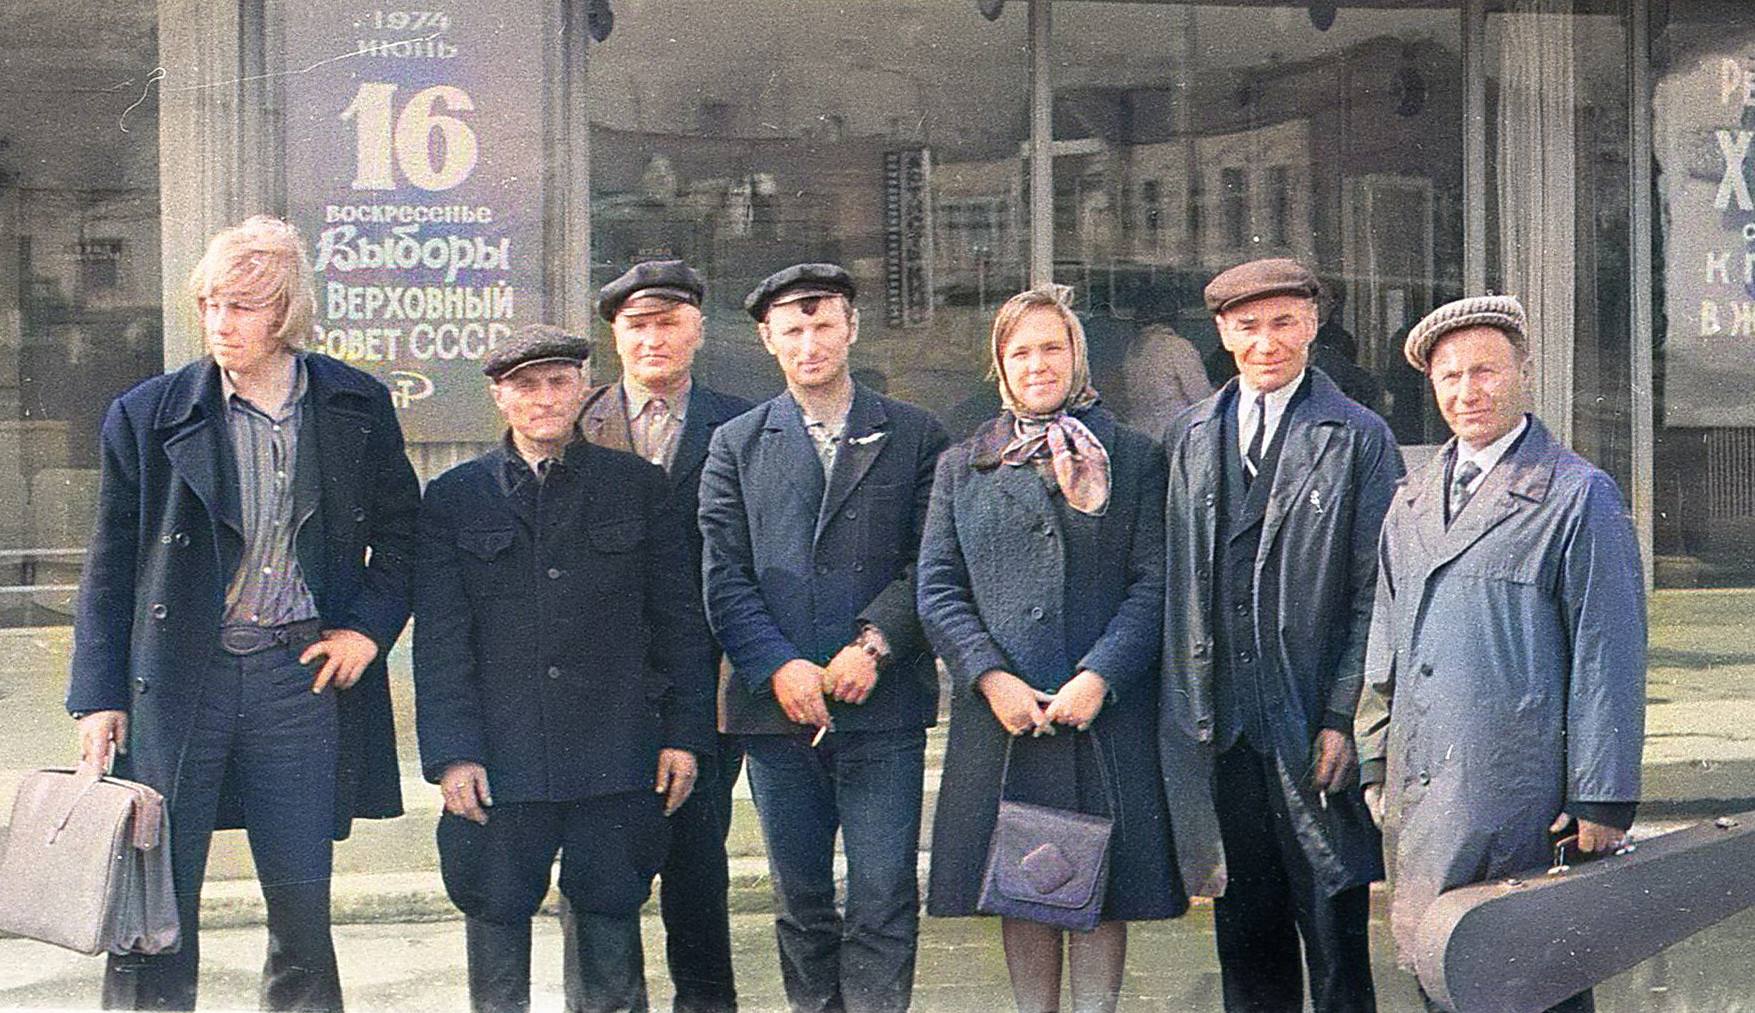 І.Дз. Назіна з народнымі музыкамі ў 1974 г.